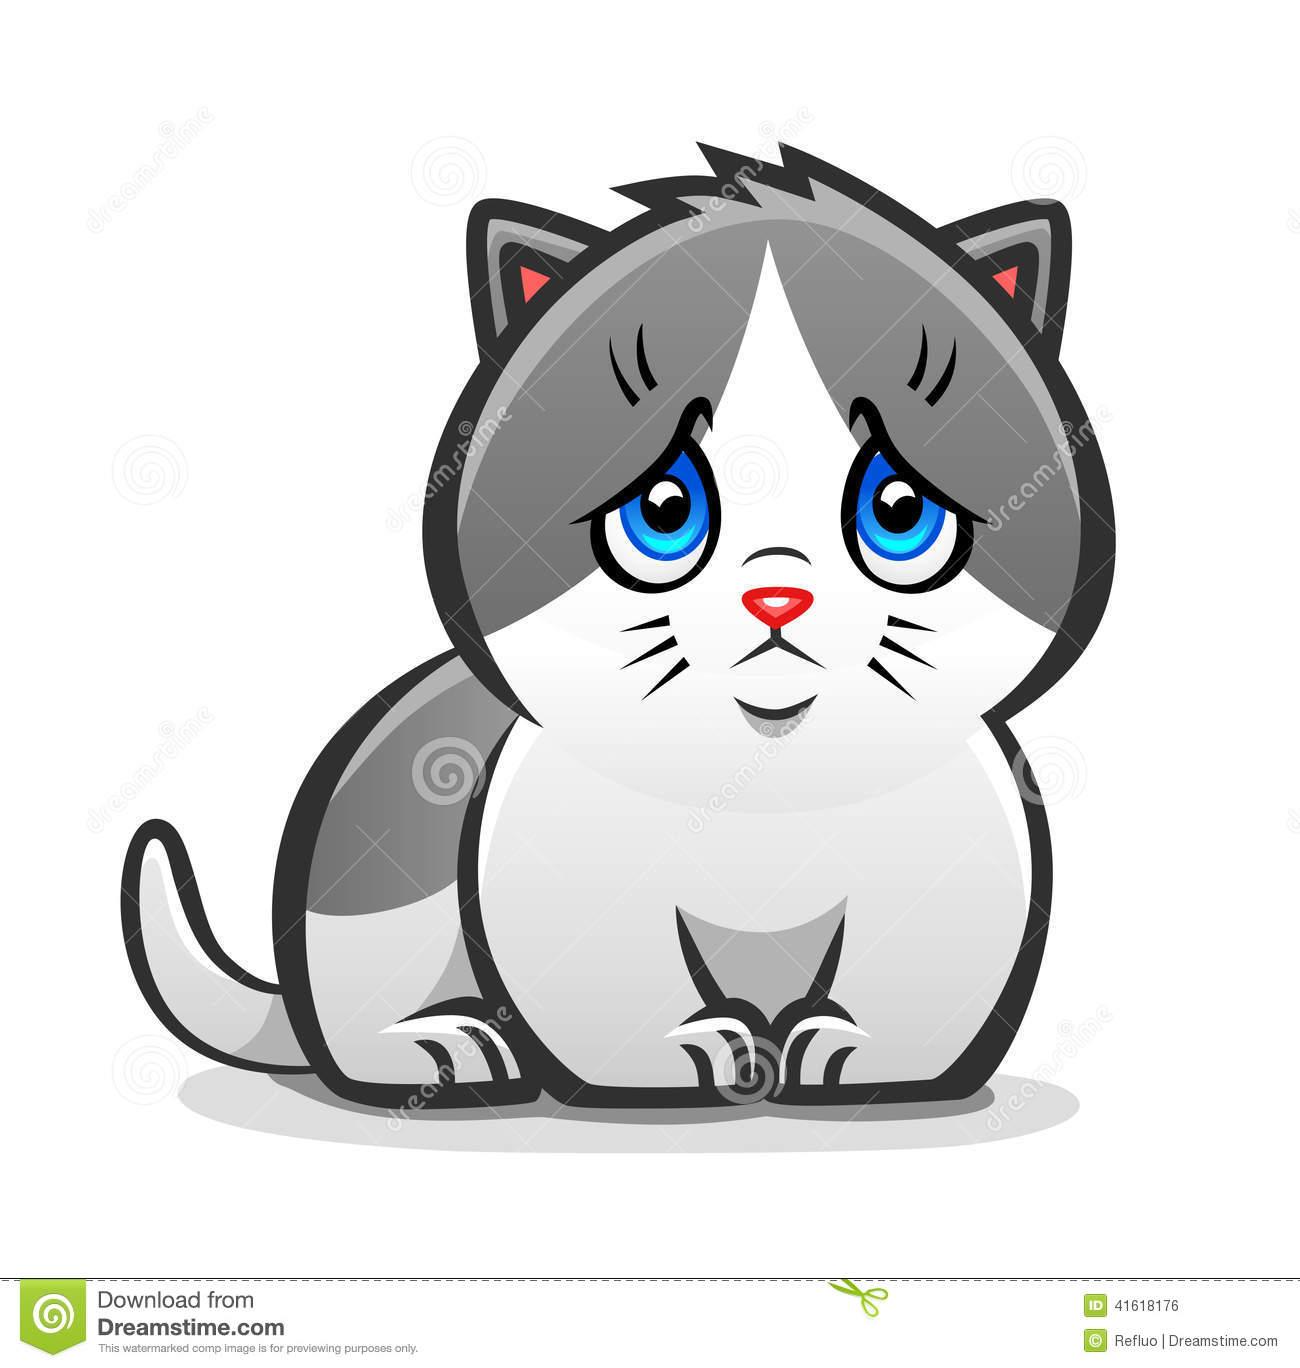 Sad clipart kitten #7